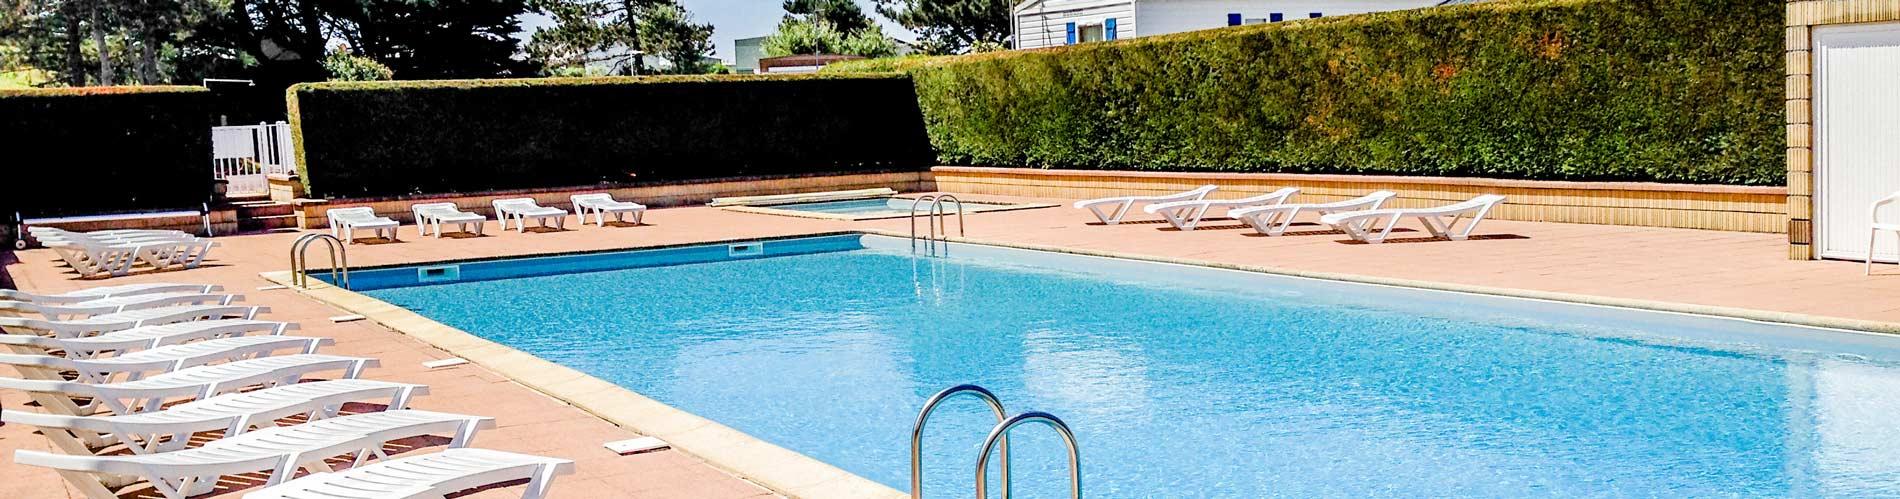 Camping normandie avec piscine camping avec piscine dans for Camping les vosges avec piscine